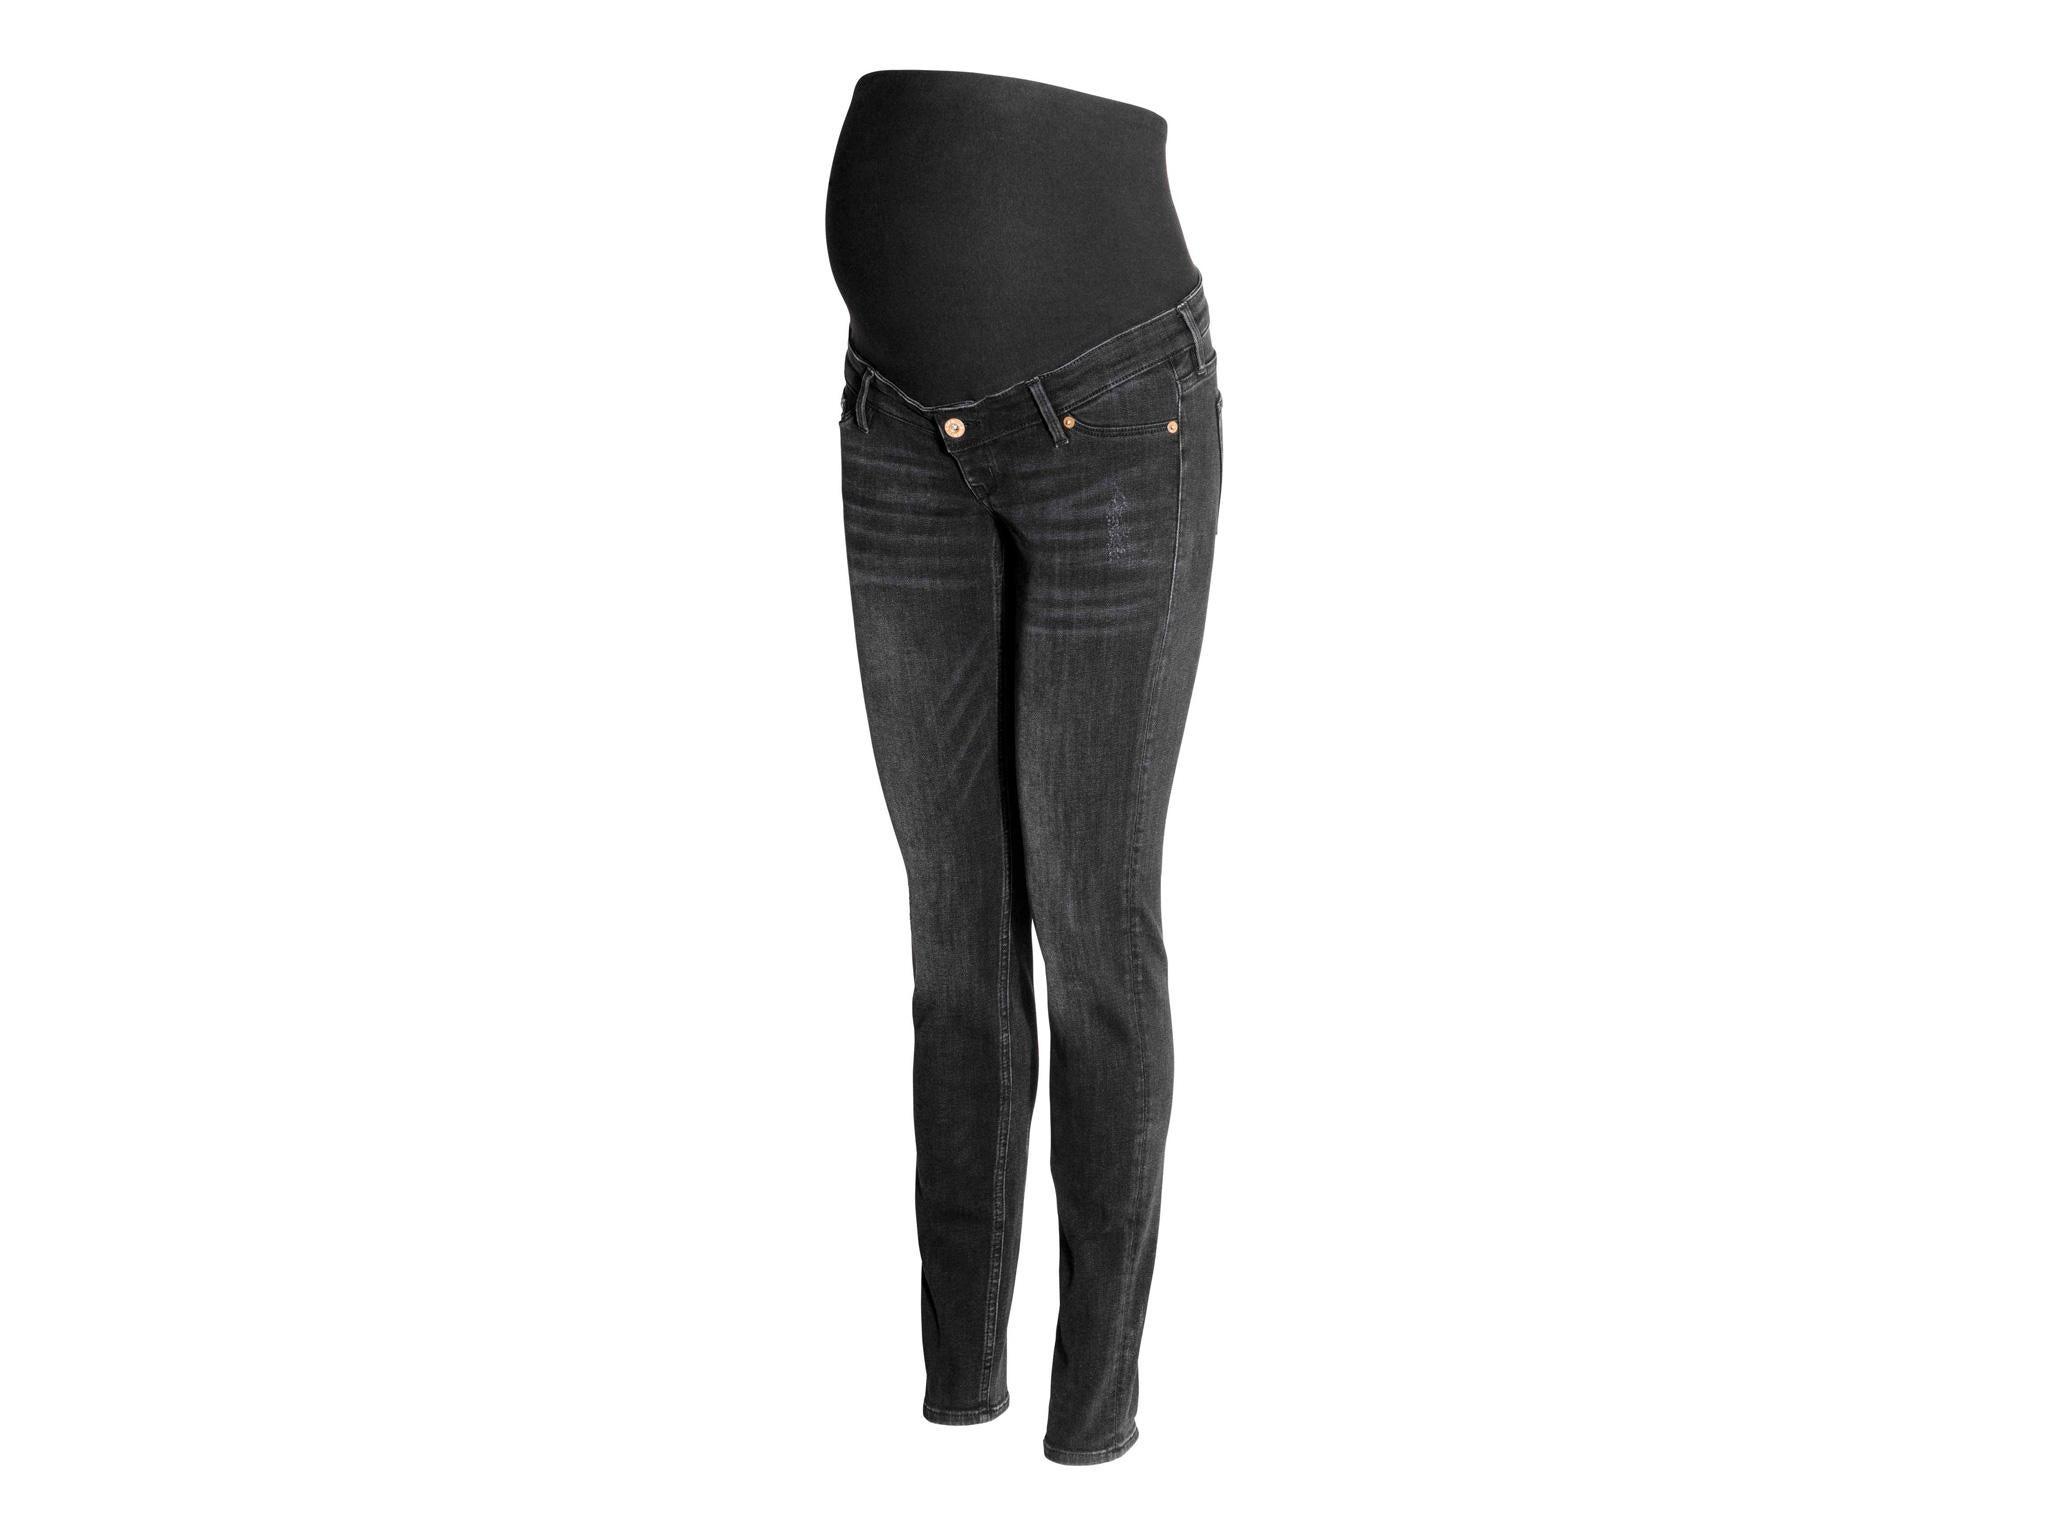 9d75cd26da133 White House Black Market Skinny Flare Jeans